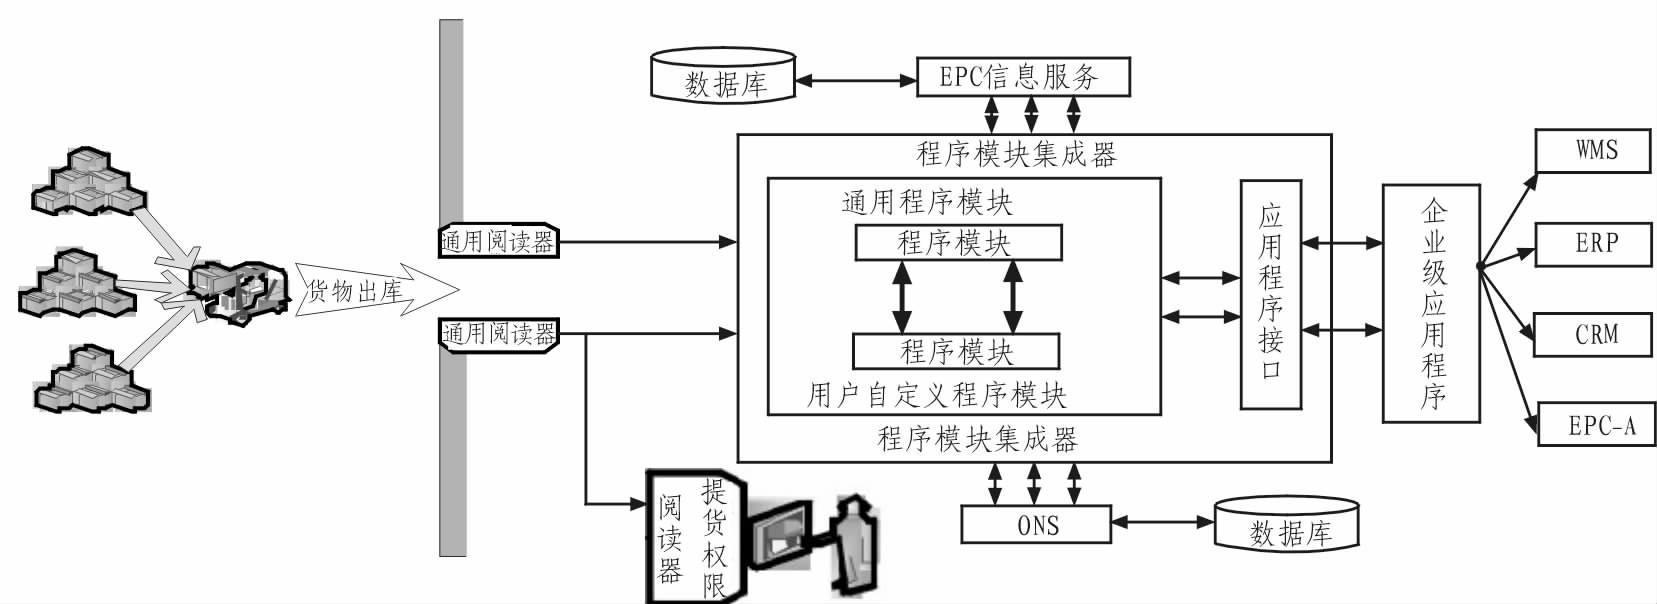 利用RFID技术实现仓管人员提货的自动化管理方案